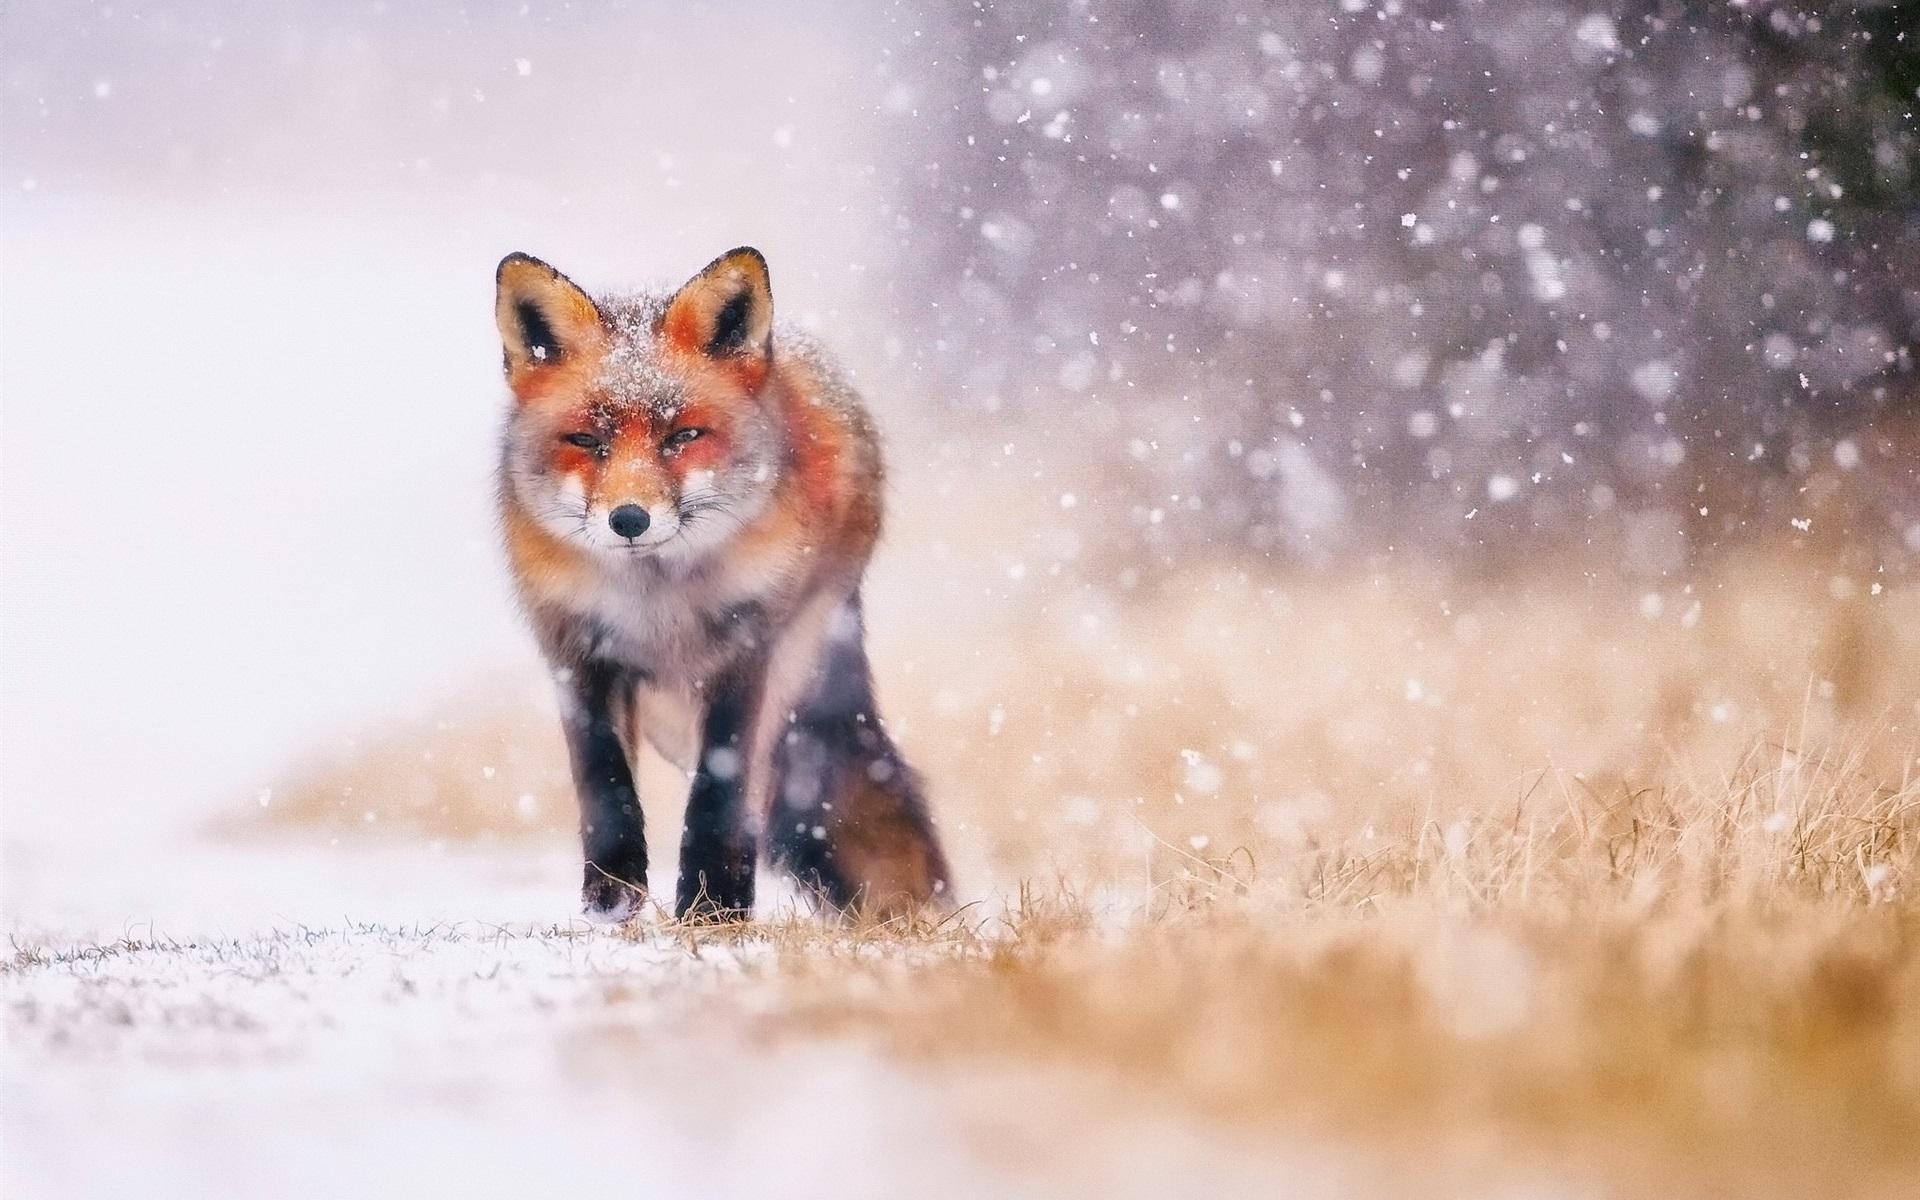 Wallpaper Cold Winter Snow Fox 1920x1200 HD Picture Image